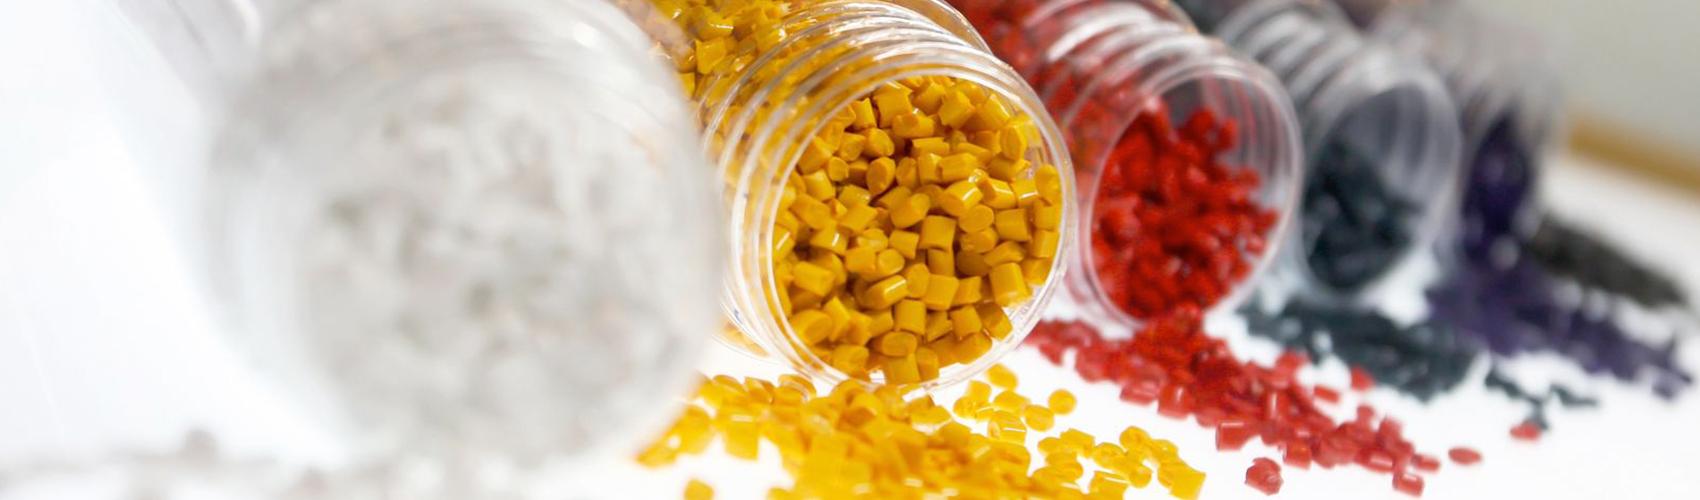 polymer-tubes-slide